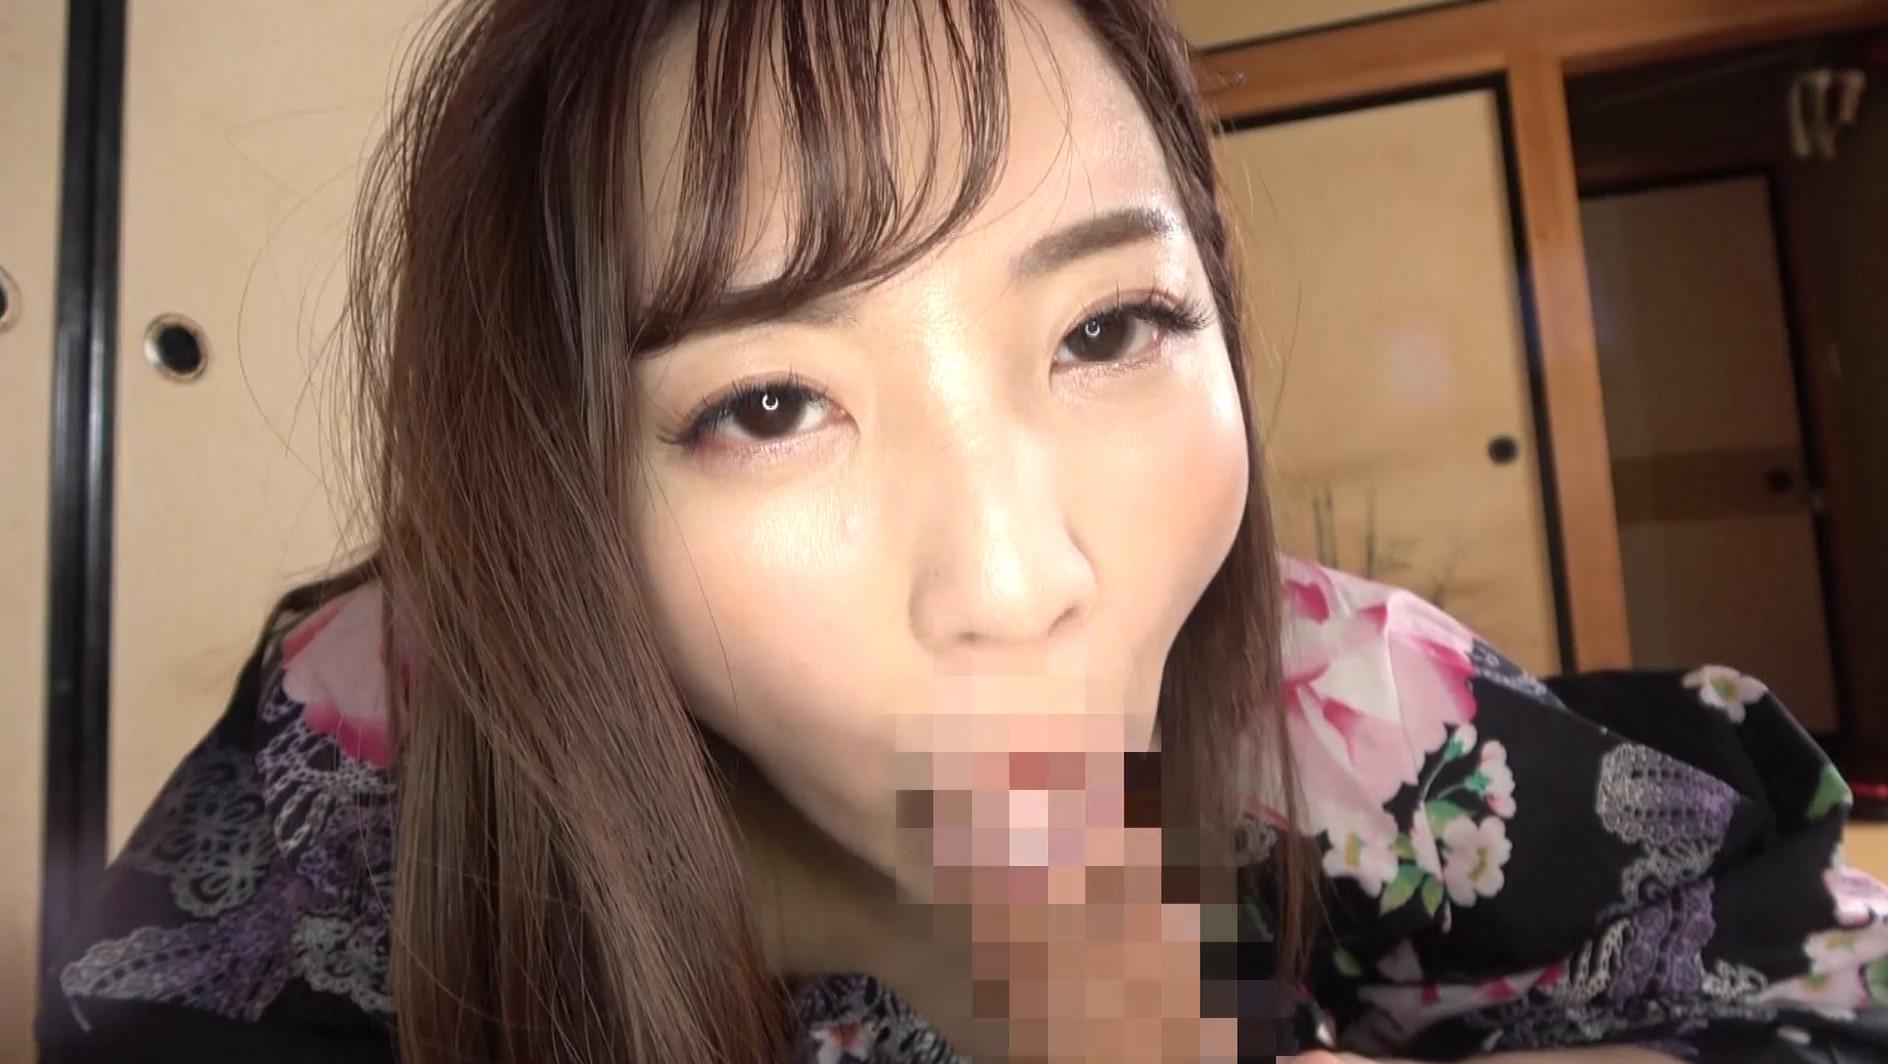 巨乳人妻温泉デート 艶やかなカラダHカップ 桃子 29歳 画像11